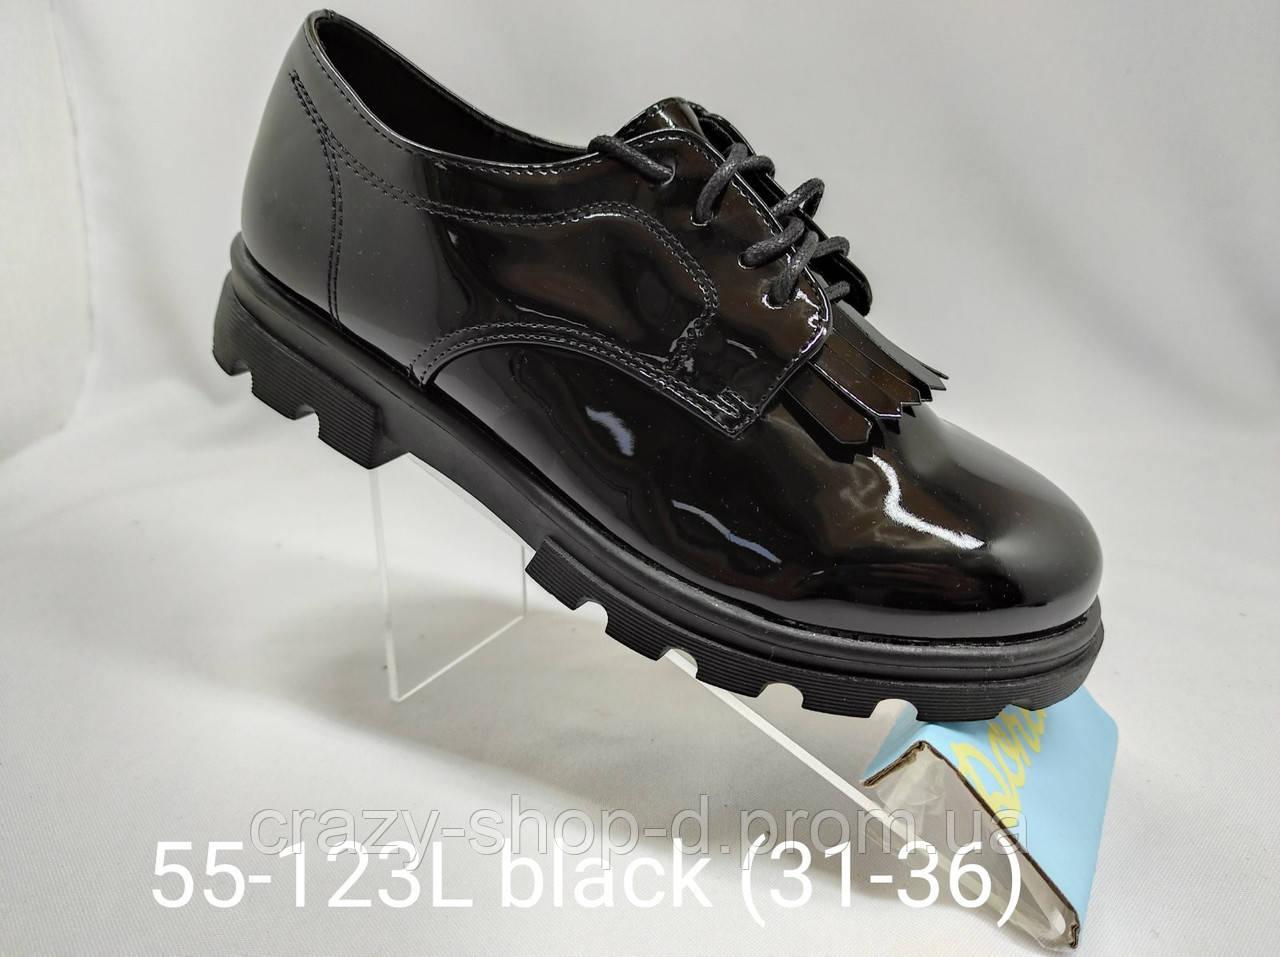 Шкільні туфлі для дівчинки. Туфлі під форму.